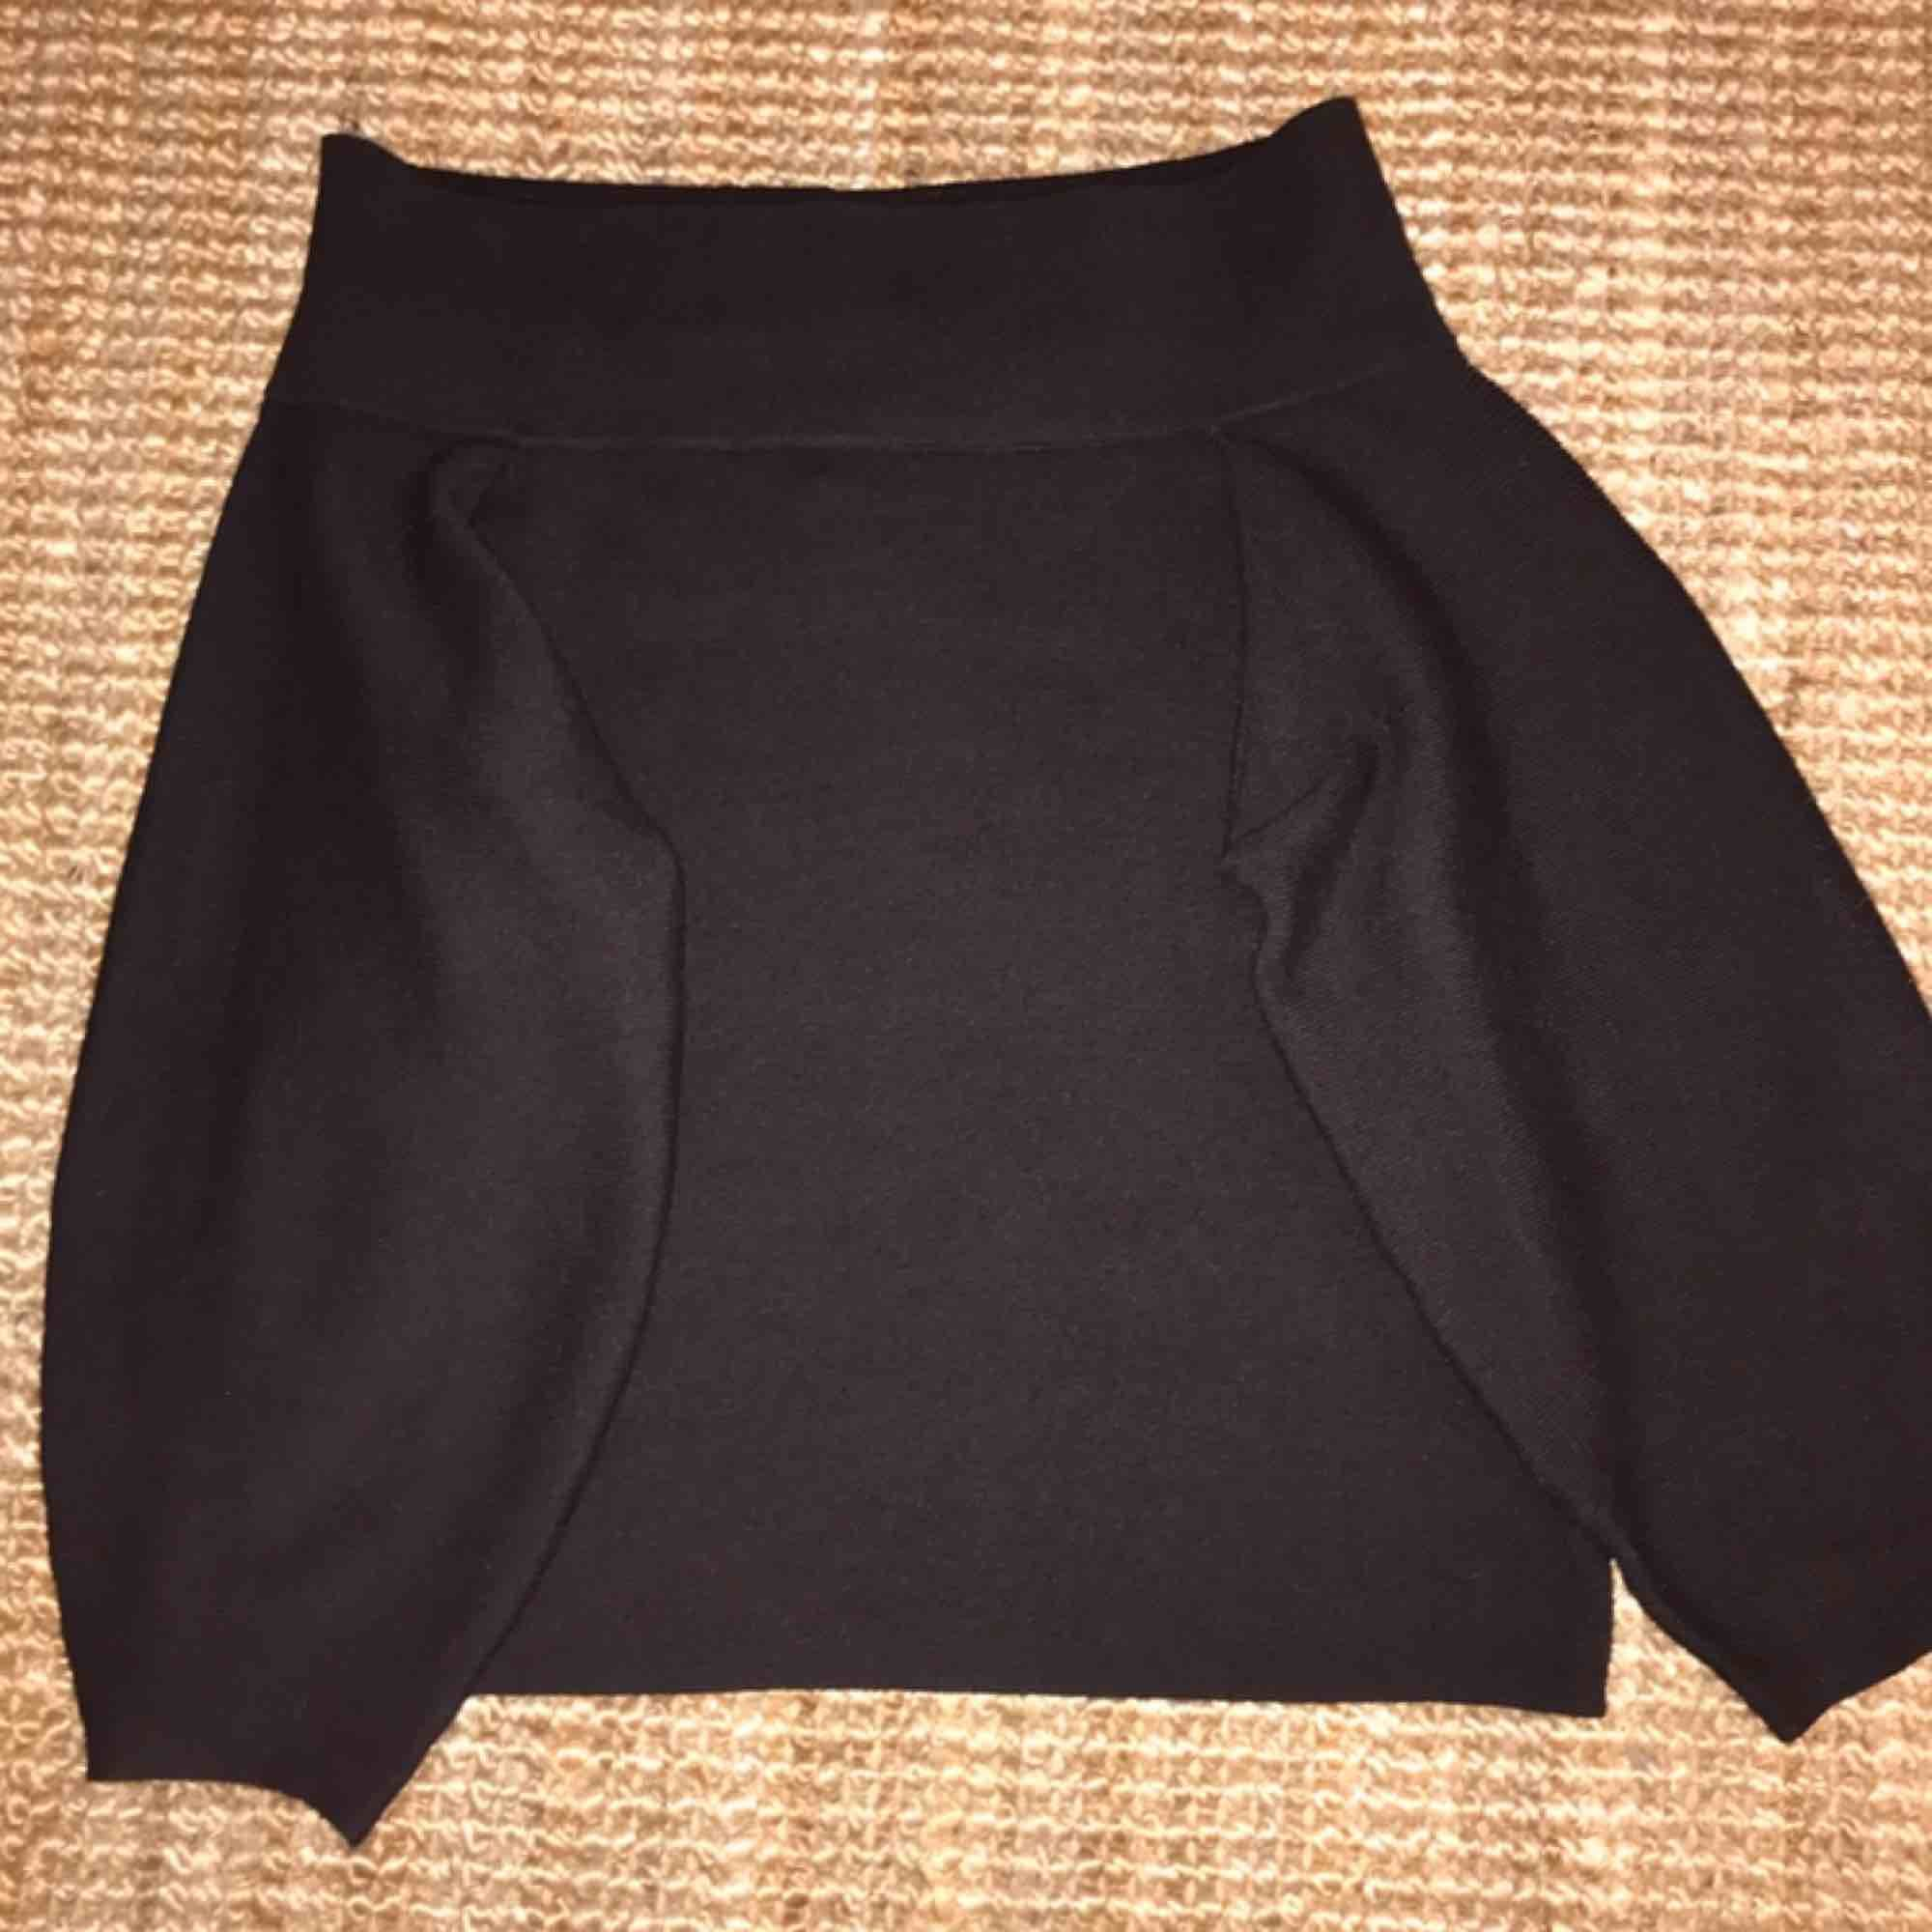 Superfin och feminin off-shoulder tröja i svart!nästan helt oanvänd! Tröjan har vida armar men som går ihop längst ut, materialet är varmt och skönt💕 obs: färgen på bilden är lite missvisande, plagget är helt svart i verkligheten:). Tröjor & Koftor.